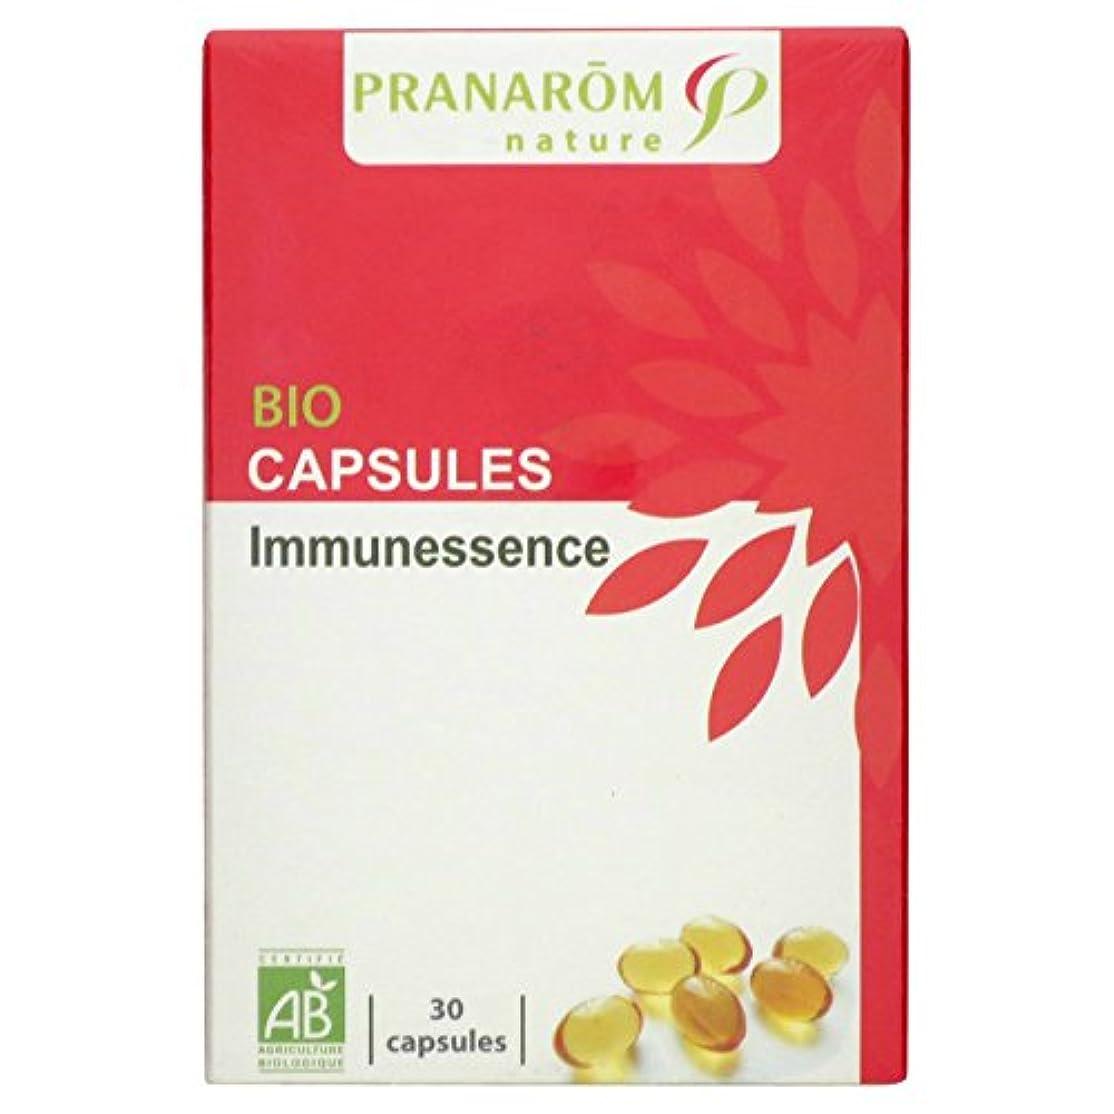 その結果バリア教育プラナロム イミュネッセンスカプセル 30粒 (PRANAROM サプリメント)